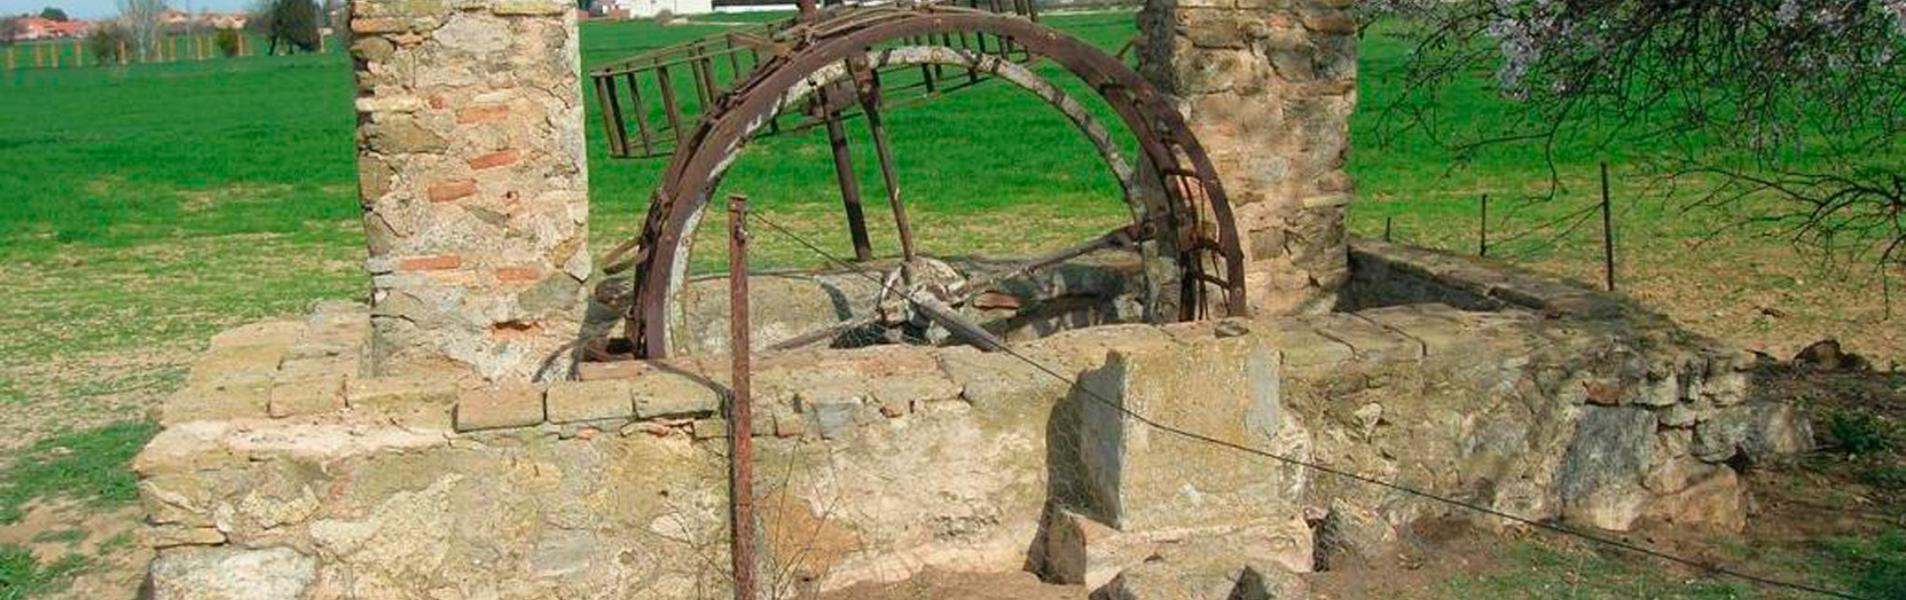 Burguillos de Toledo